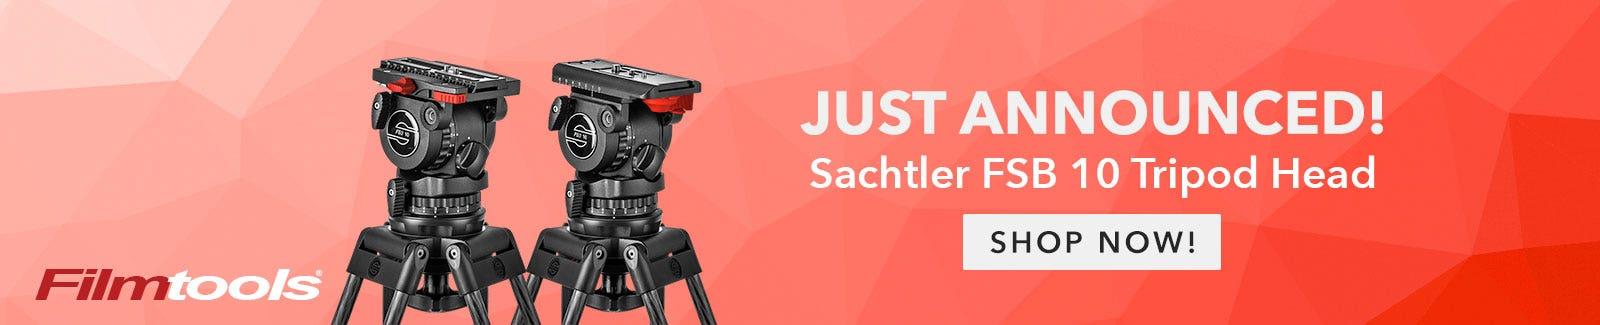 Sachtler FSB 10